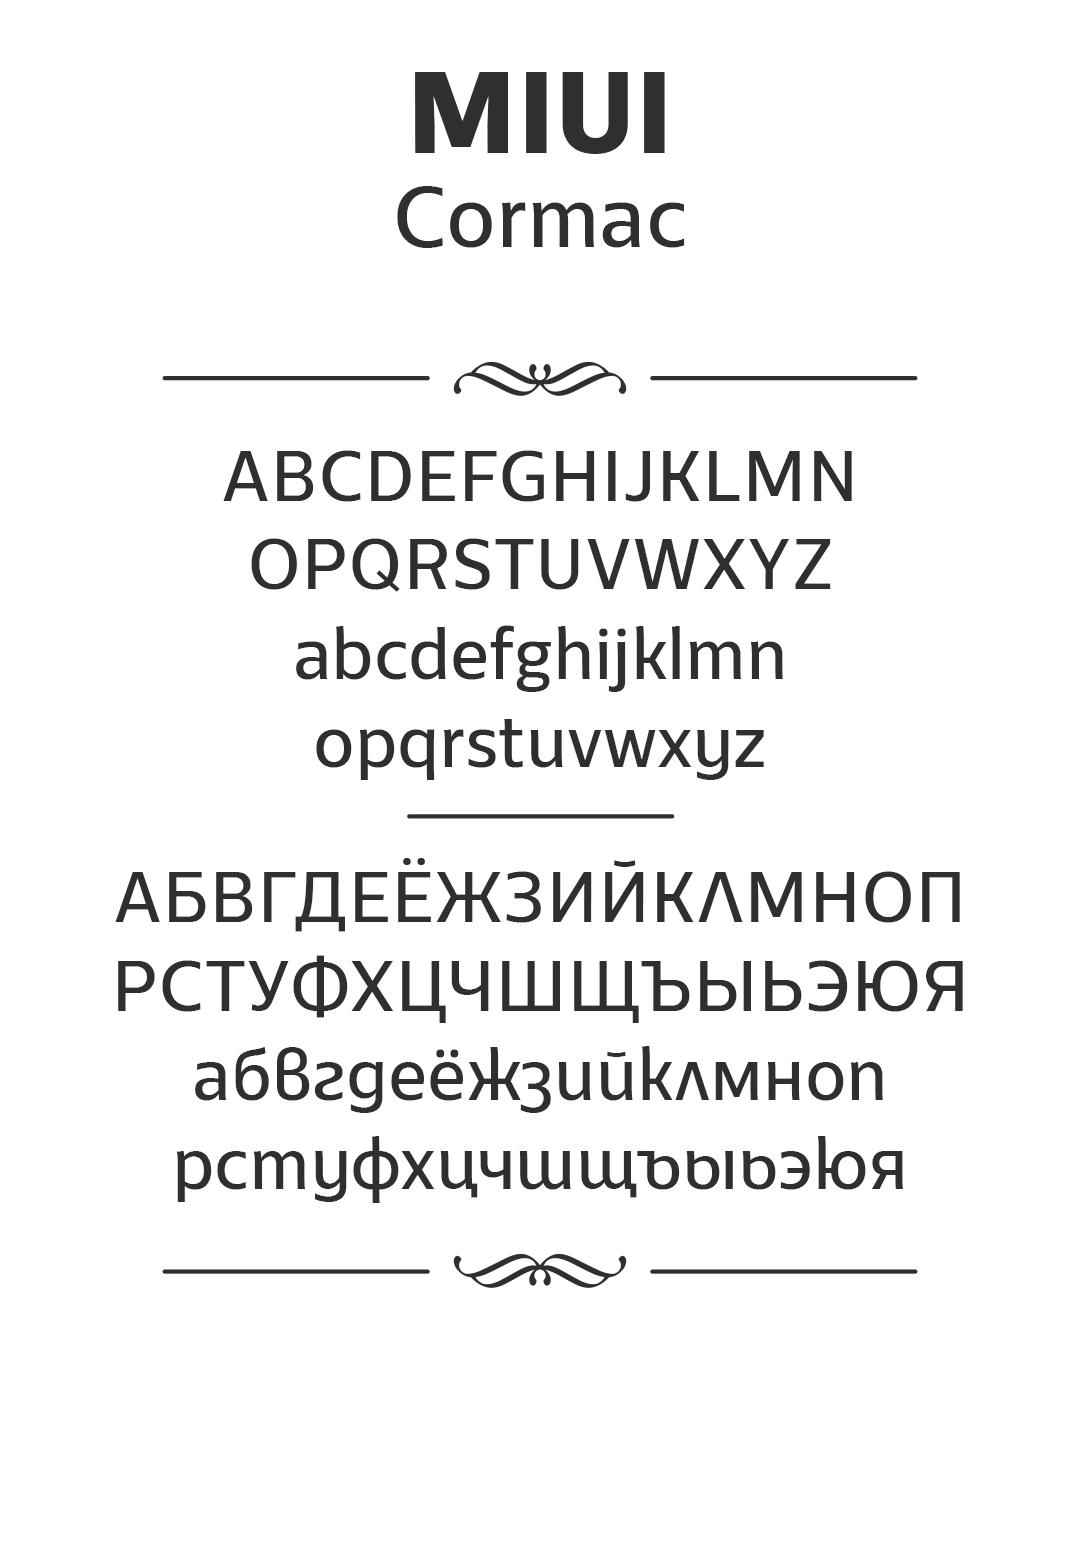 preview fonts big 0 7